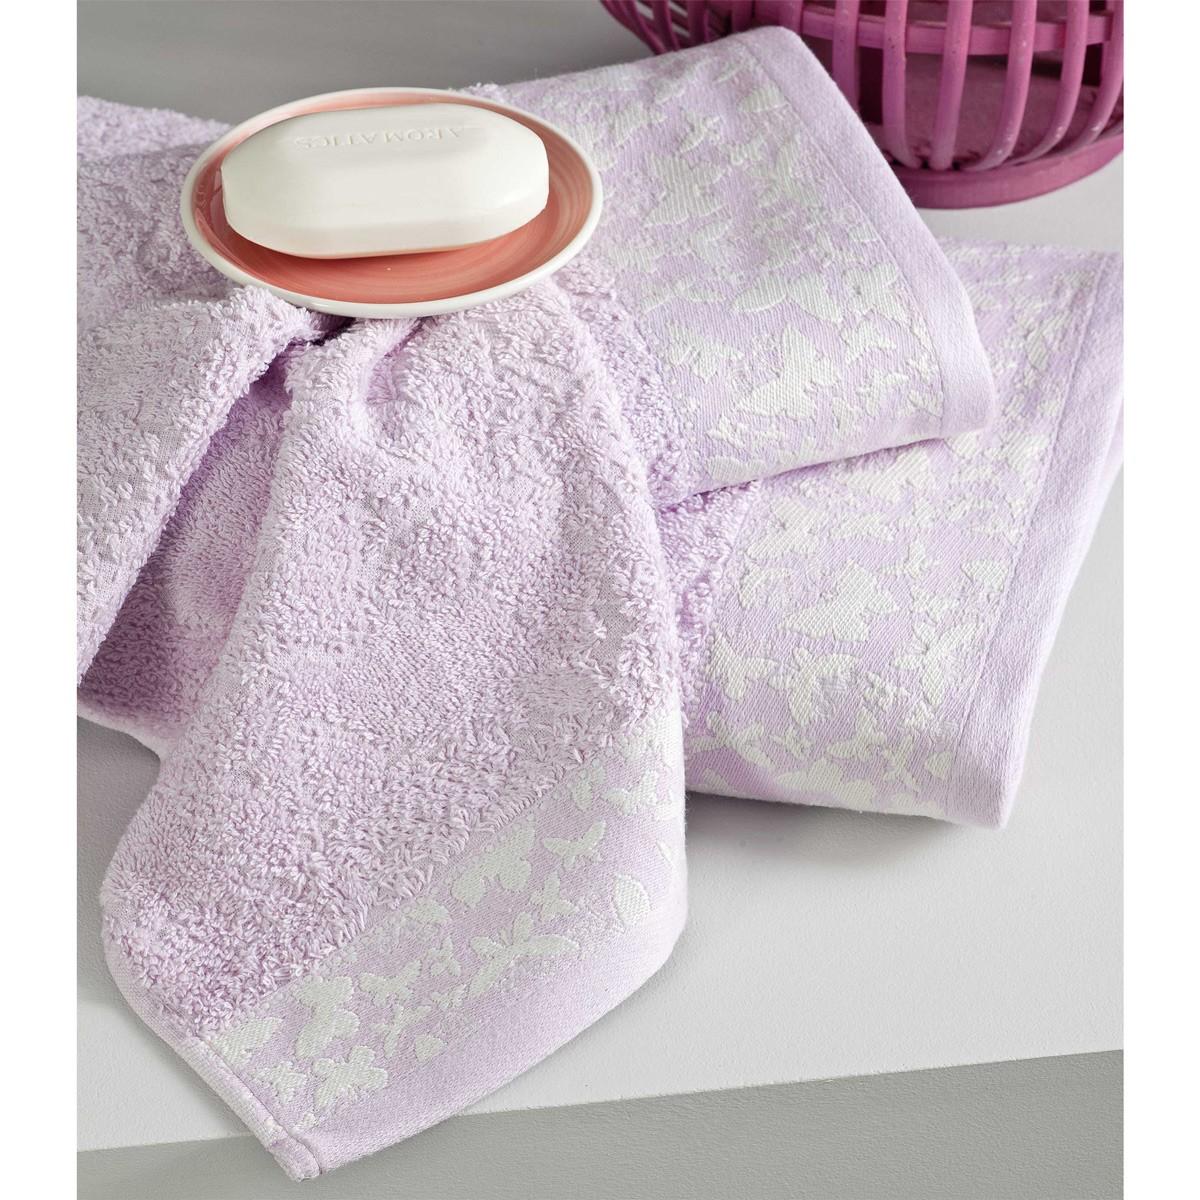 Πετσέτα Προσώπου (50x90) Nima Towels Farfatte